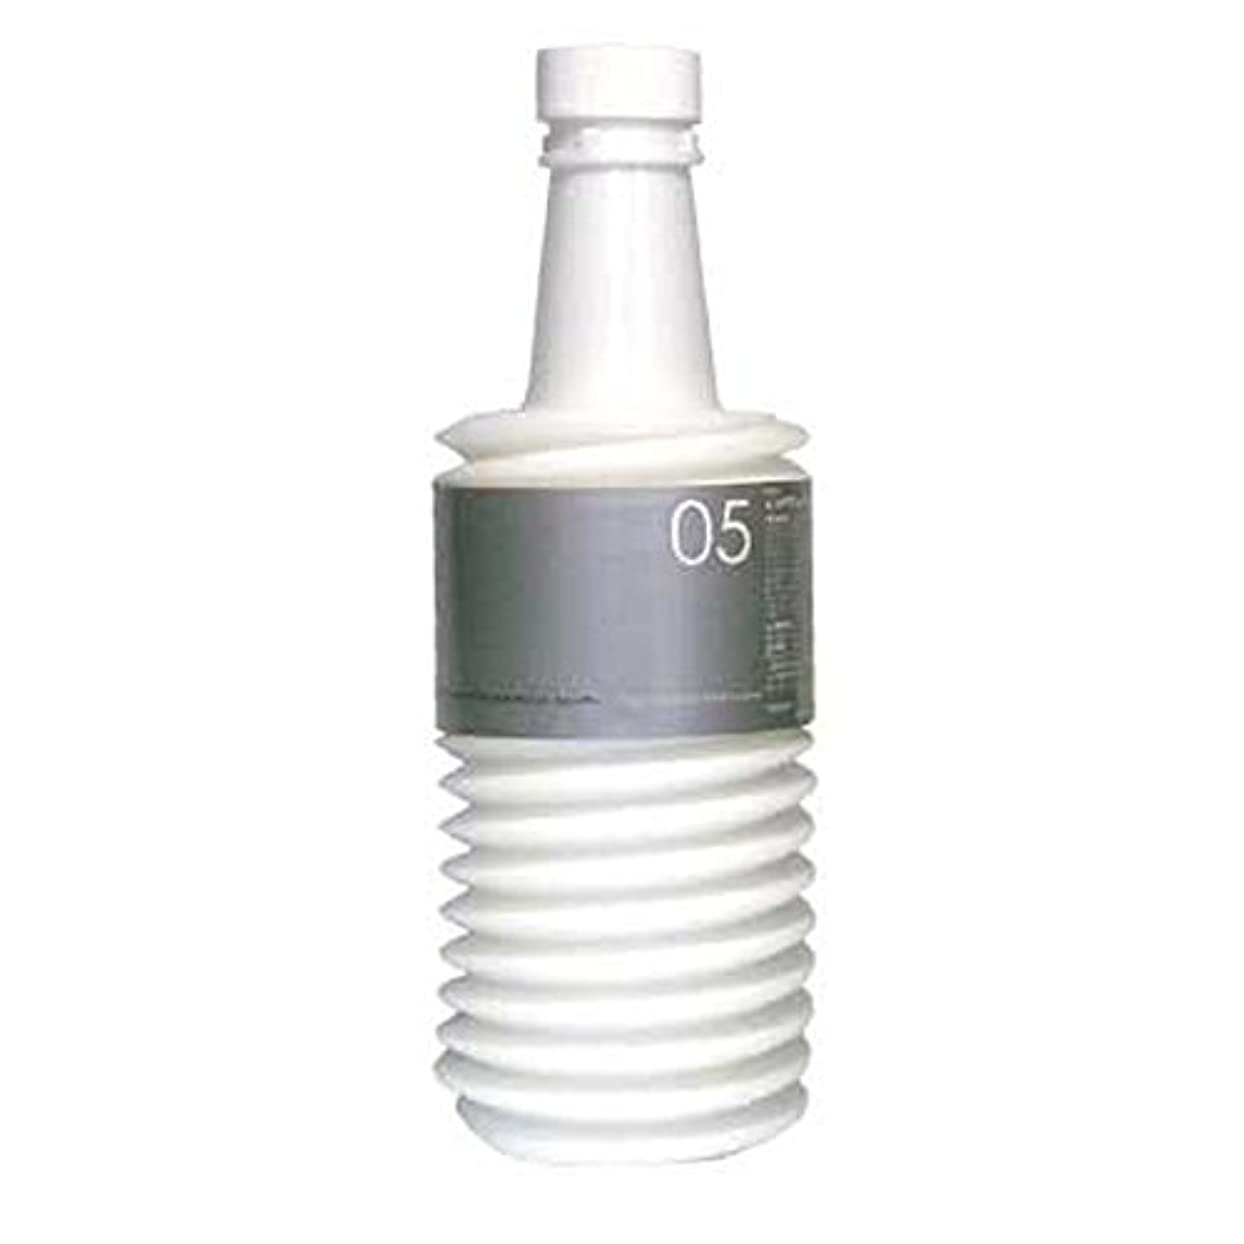 減衰ポンドインデックスムコタ アデューラアイレ05 ヘアマスクトリートメントスムーサー 700g